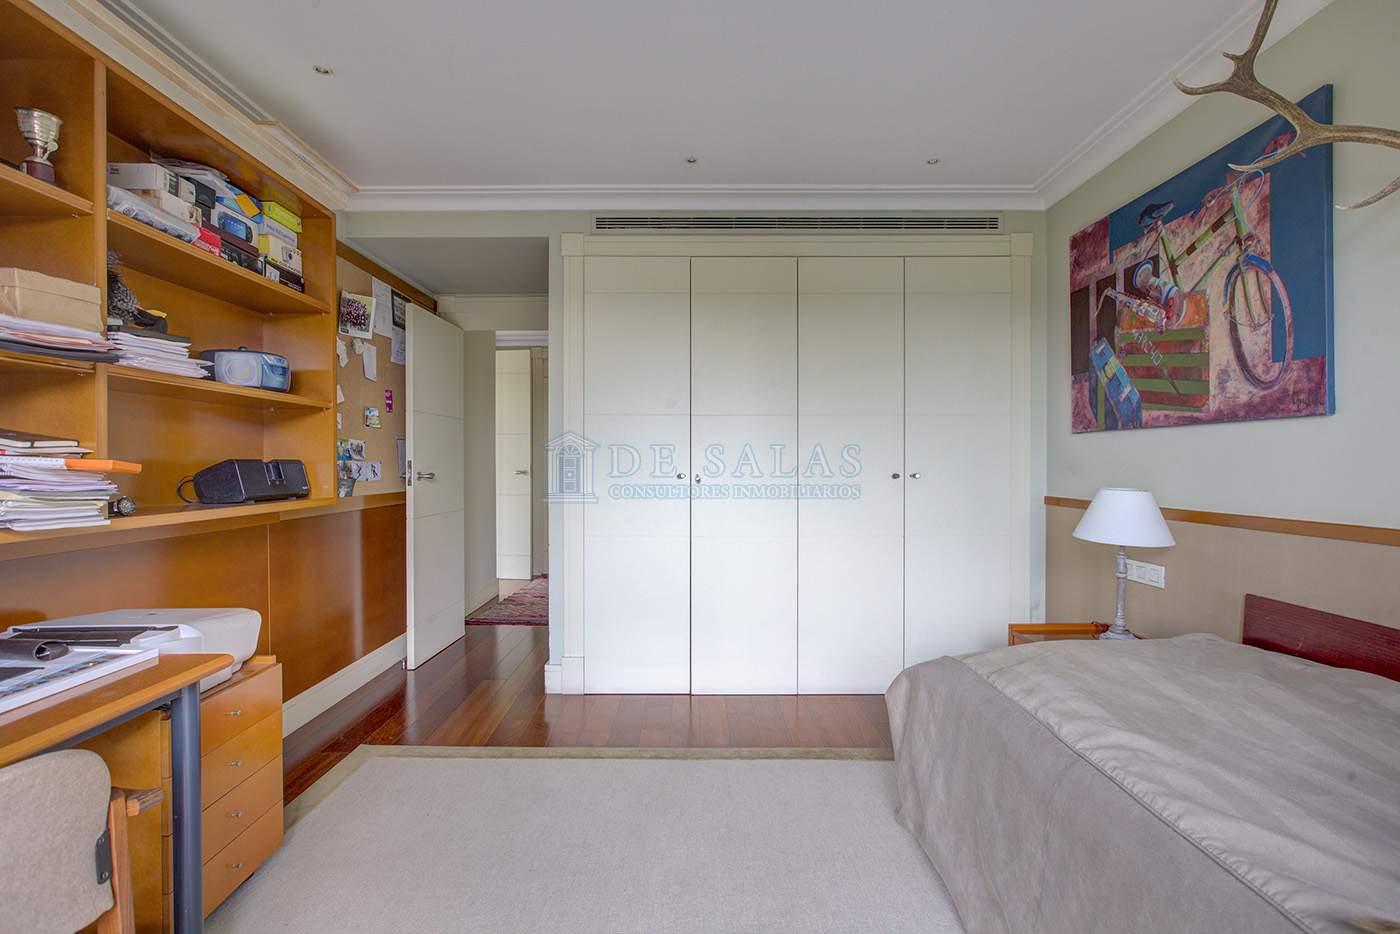 Dormitorio-IMG_8304_5_6 copia